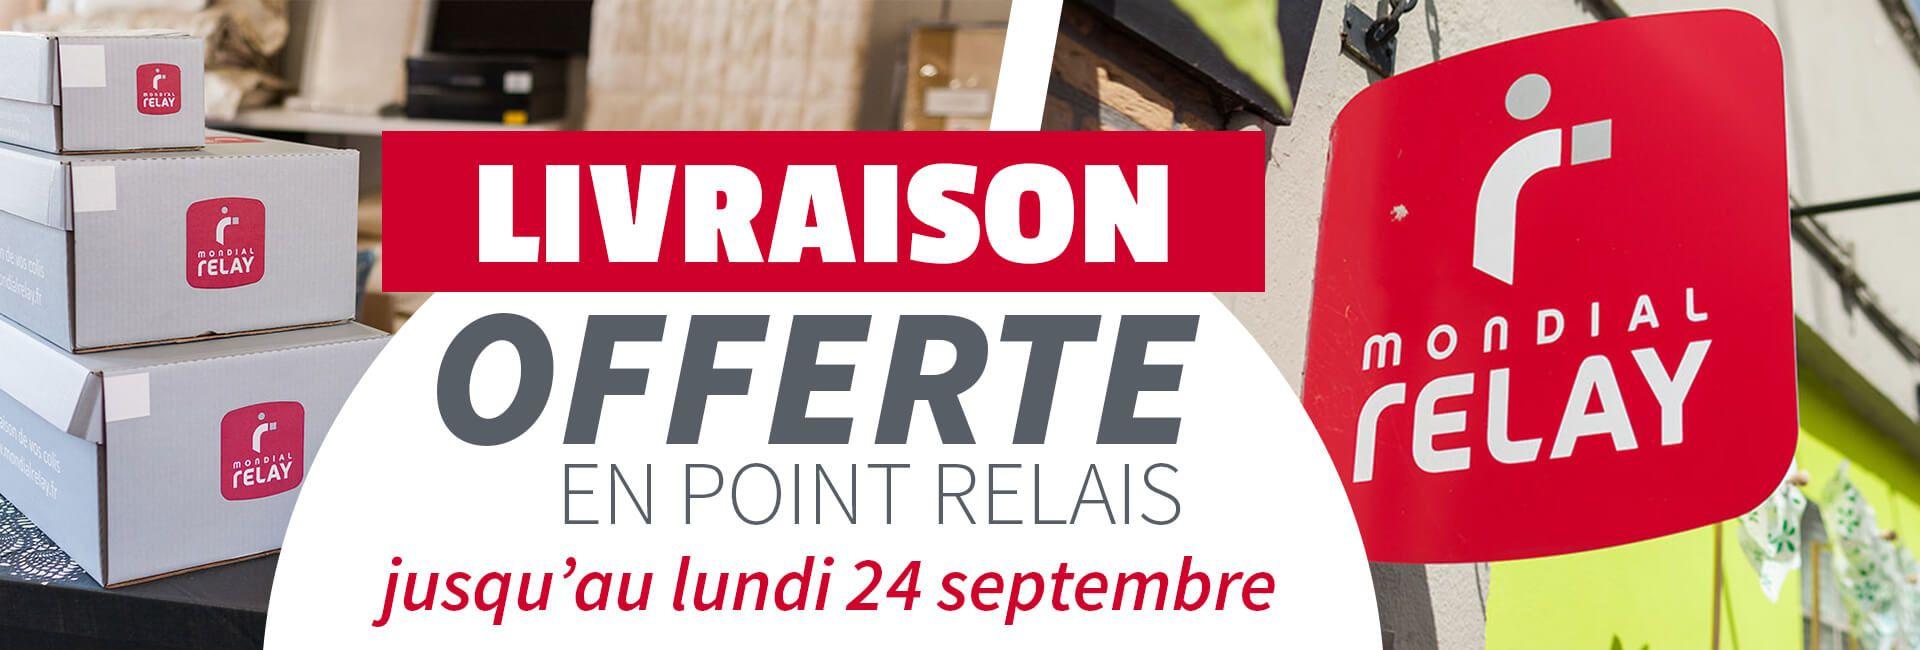 Livraison gratuite en point relais jusqu'au lundi 24 septembre !